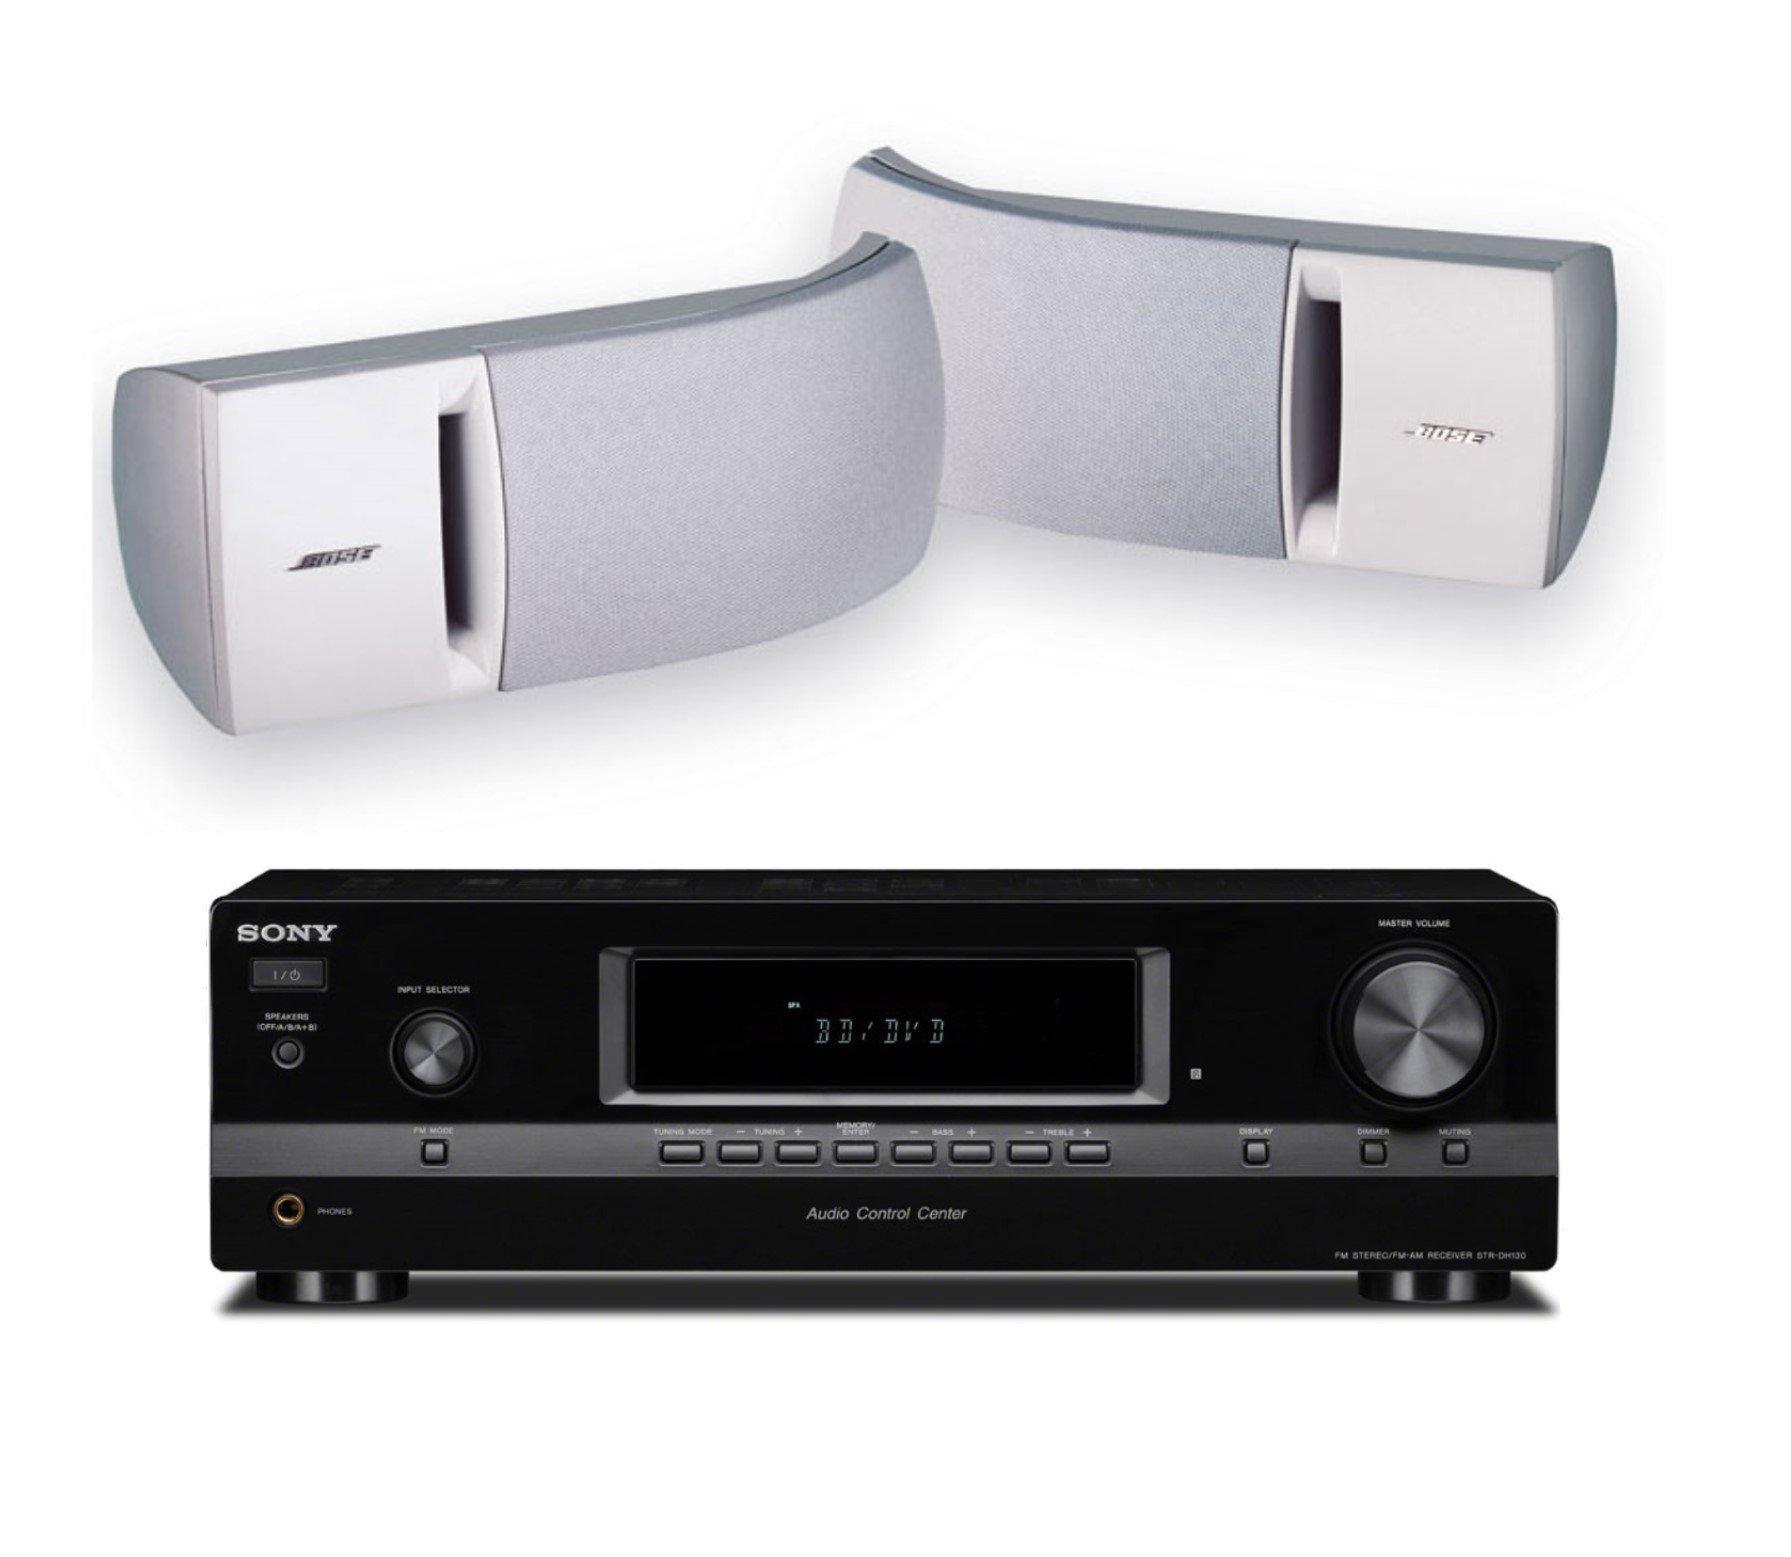 Bose 161 Full Range Bookshelf Speaker Duo (White) with Sony STRDH130 2 Channel Stereo Receiver